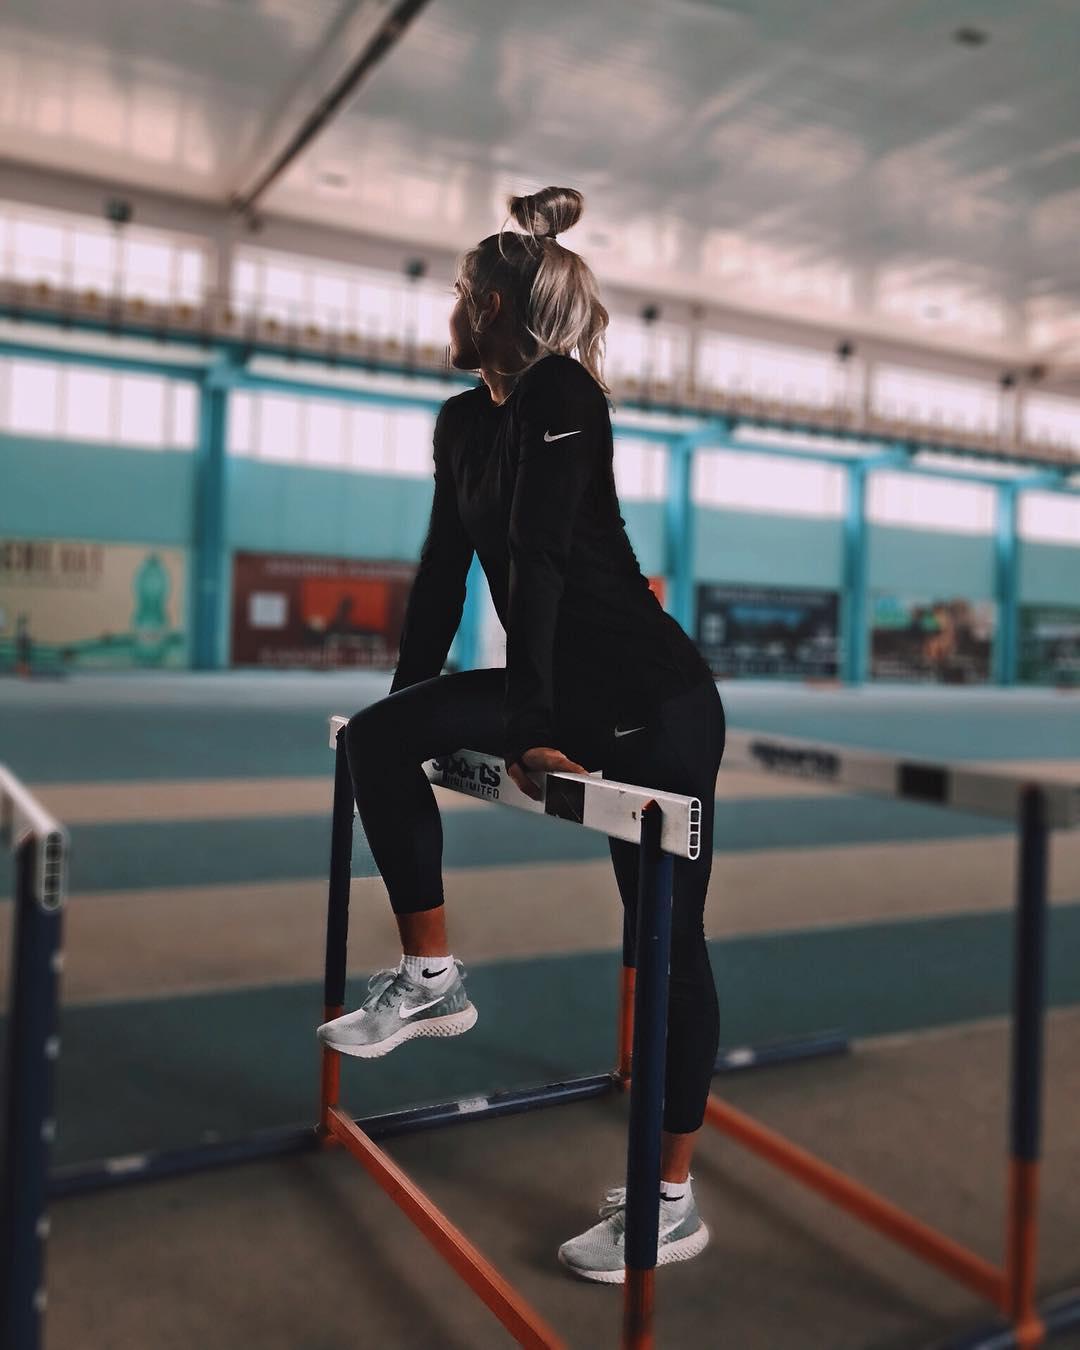 Ксения Трибунова в черном костюме в легкоатлетическом зале